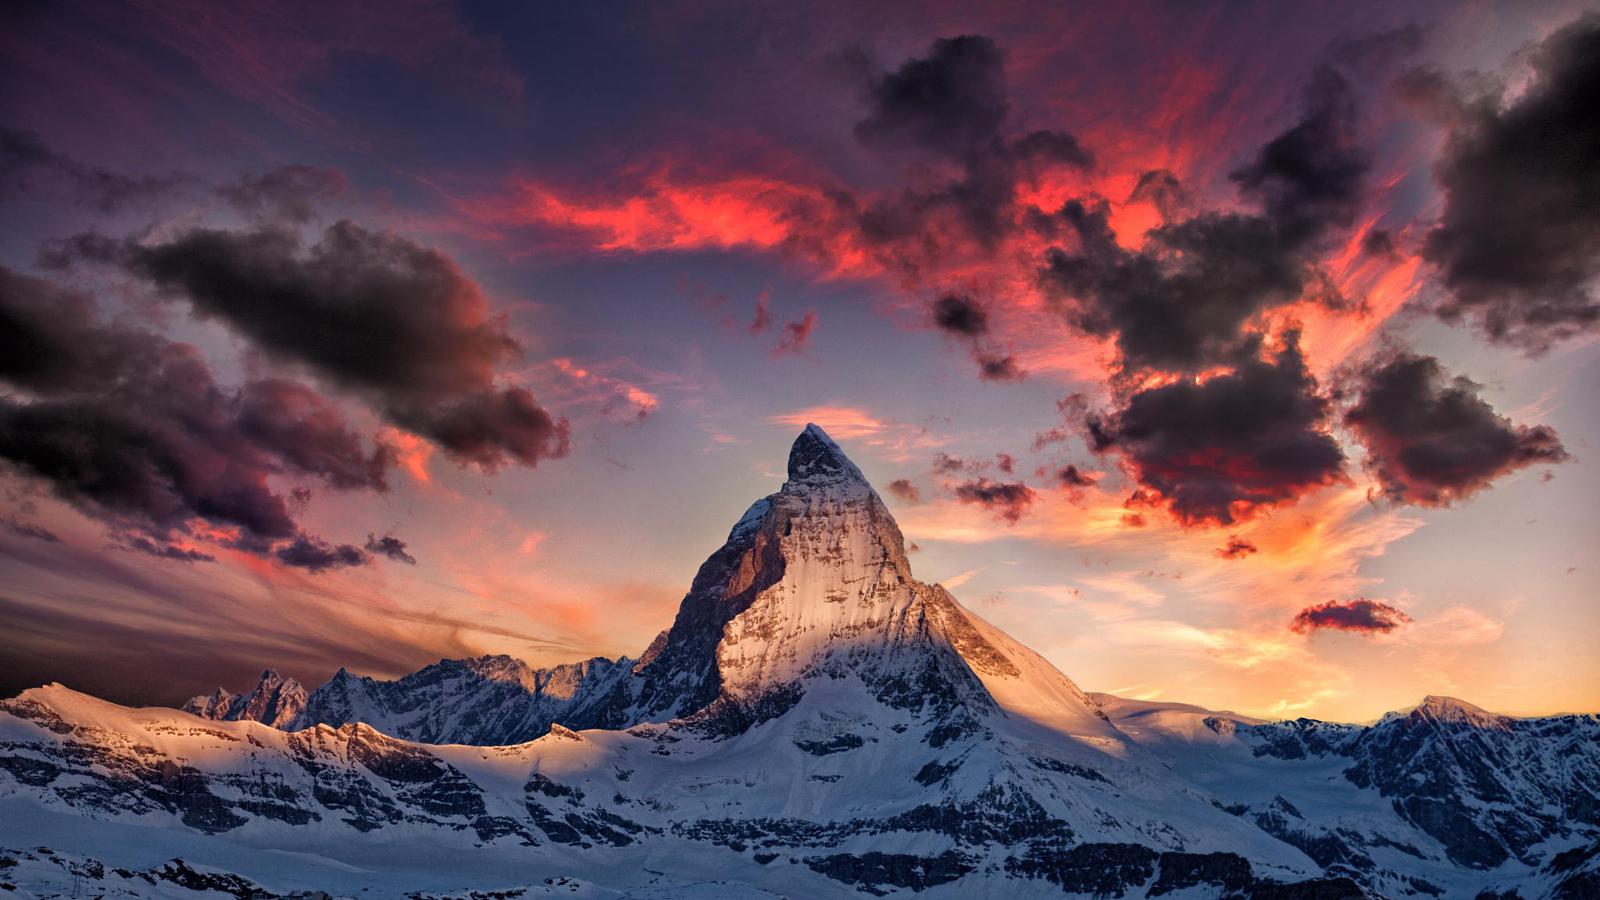 Самое интересное : Средиземноморская вилла для загородного отдыха во Франции